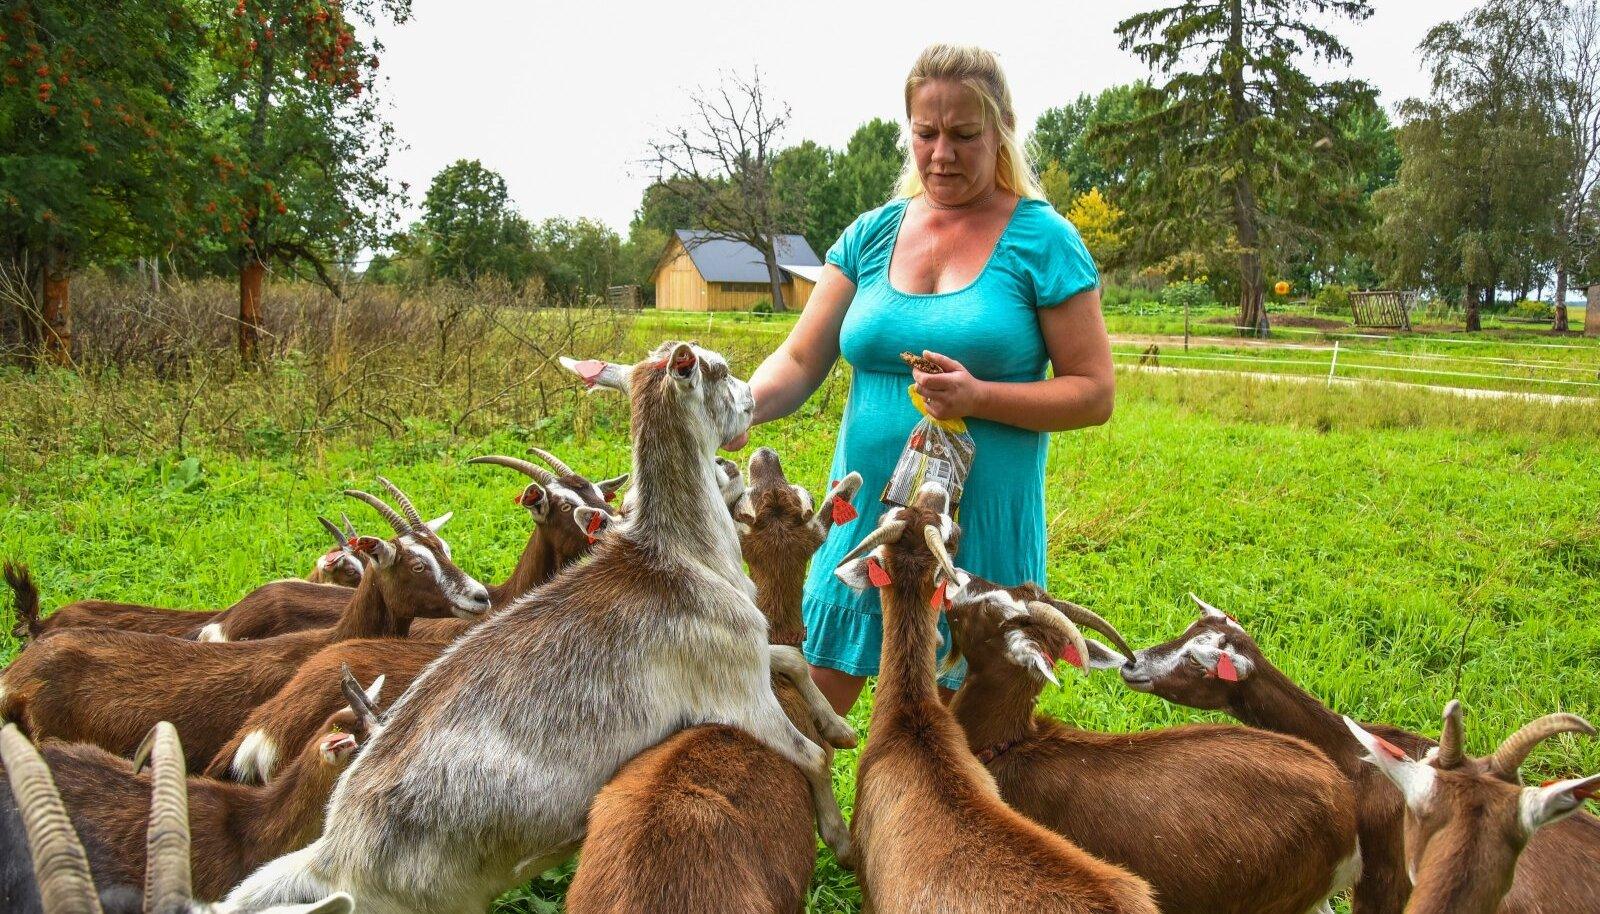 Üks uusi tulijaid on Järva- ja Viljandimaa piiril asuv OÜ Seitse Kitsetalle. Perenaine Anne-Mai Sutt lubab, et saab tutvuda talu loomade ja lindudega, võtta einet kodukohvikus ning osta kaasa talutoodangut.